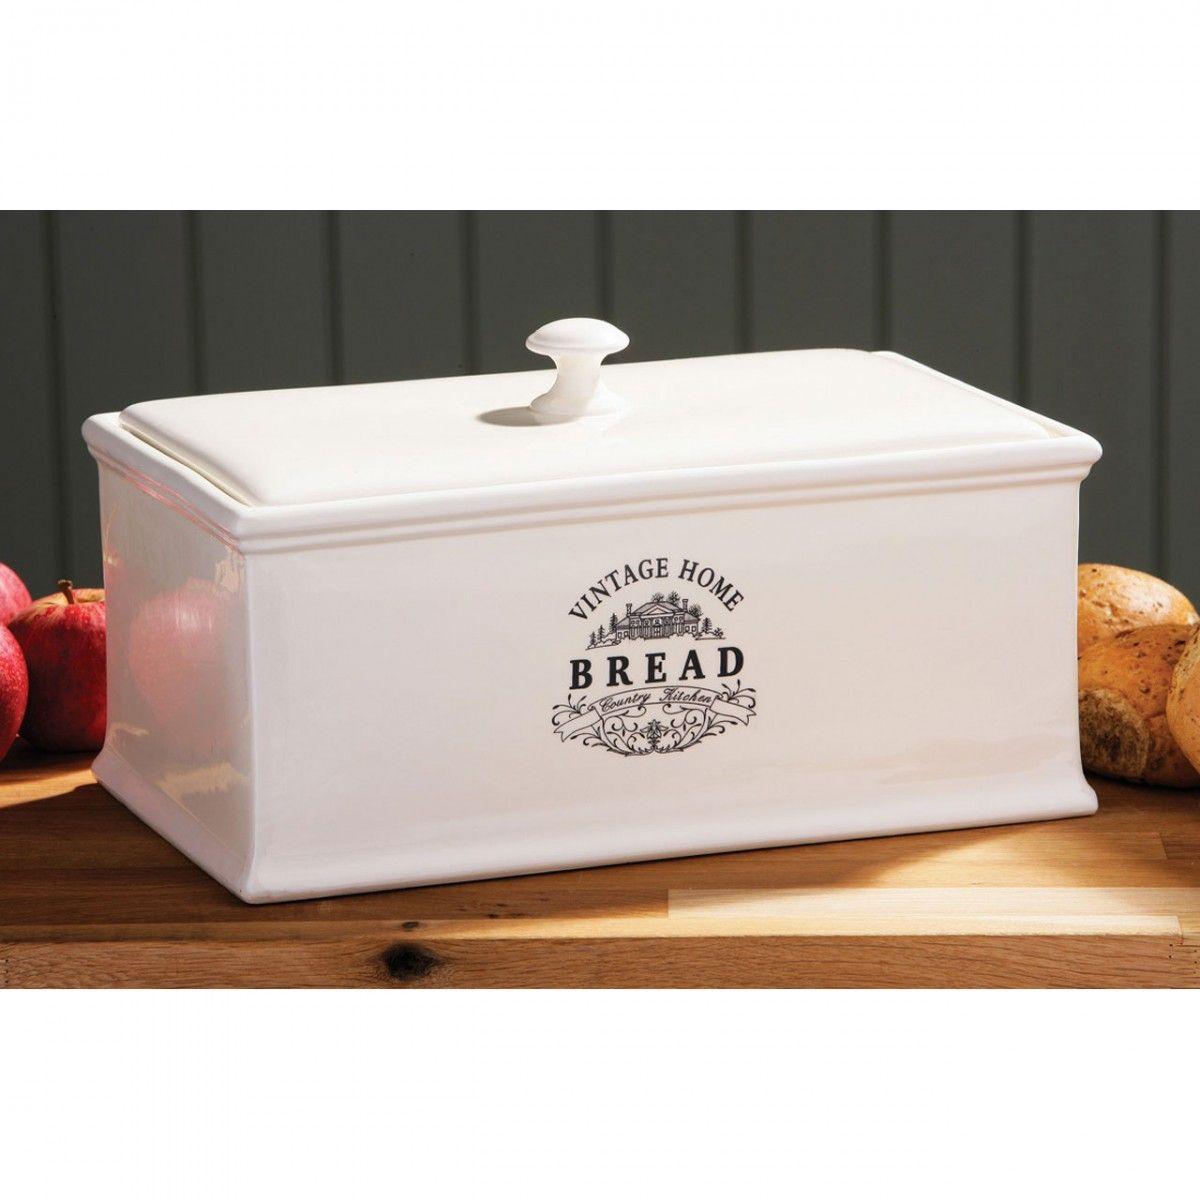 Ma Maison Bread Crock Cream Ceramic Bread Storage Vintage House Ceramic Bread Box